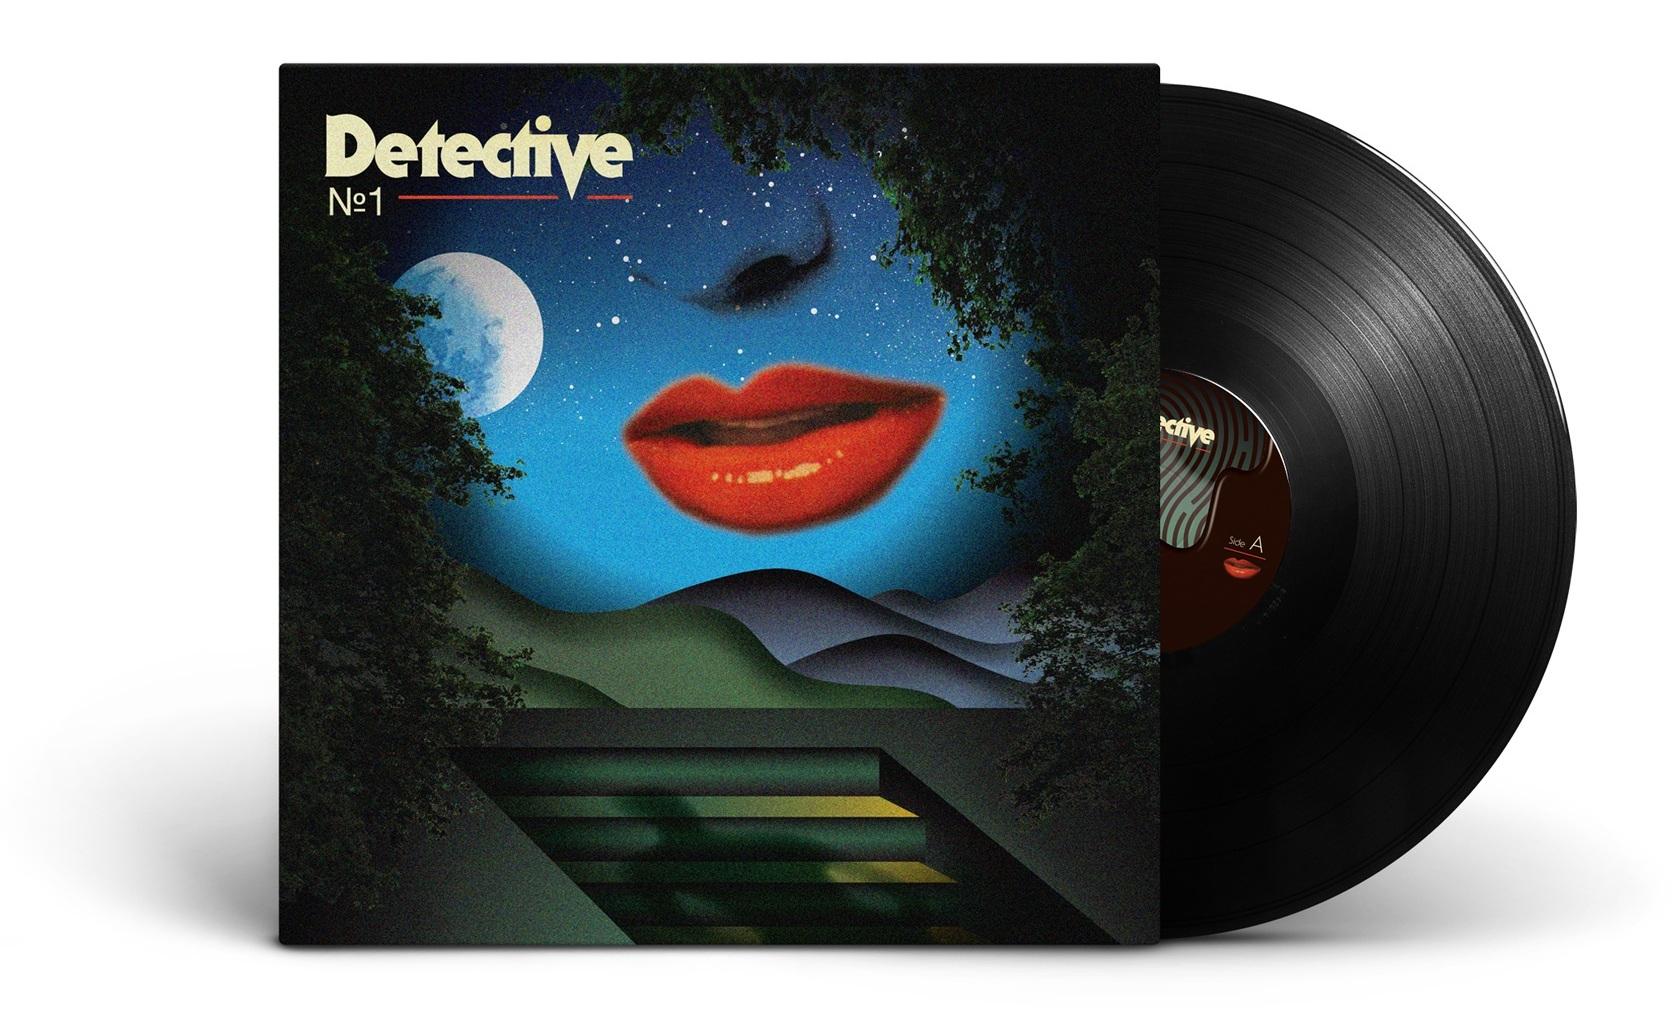 DTCV-No1-Vinyl-Cover-Mockup.jpg